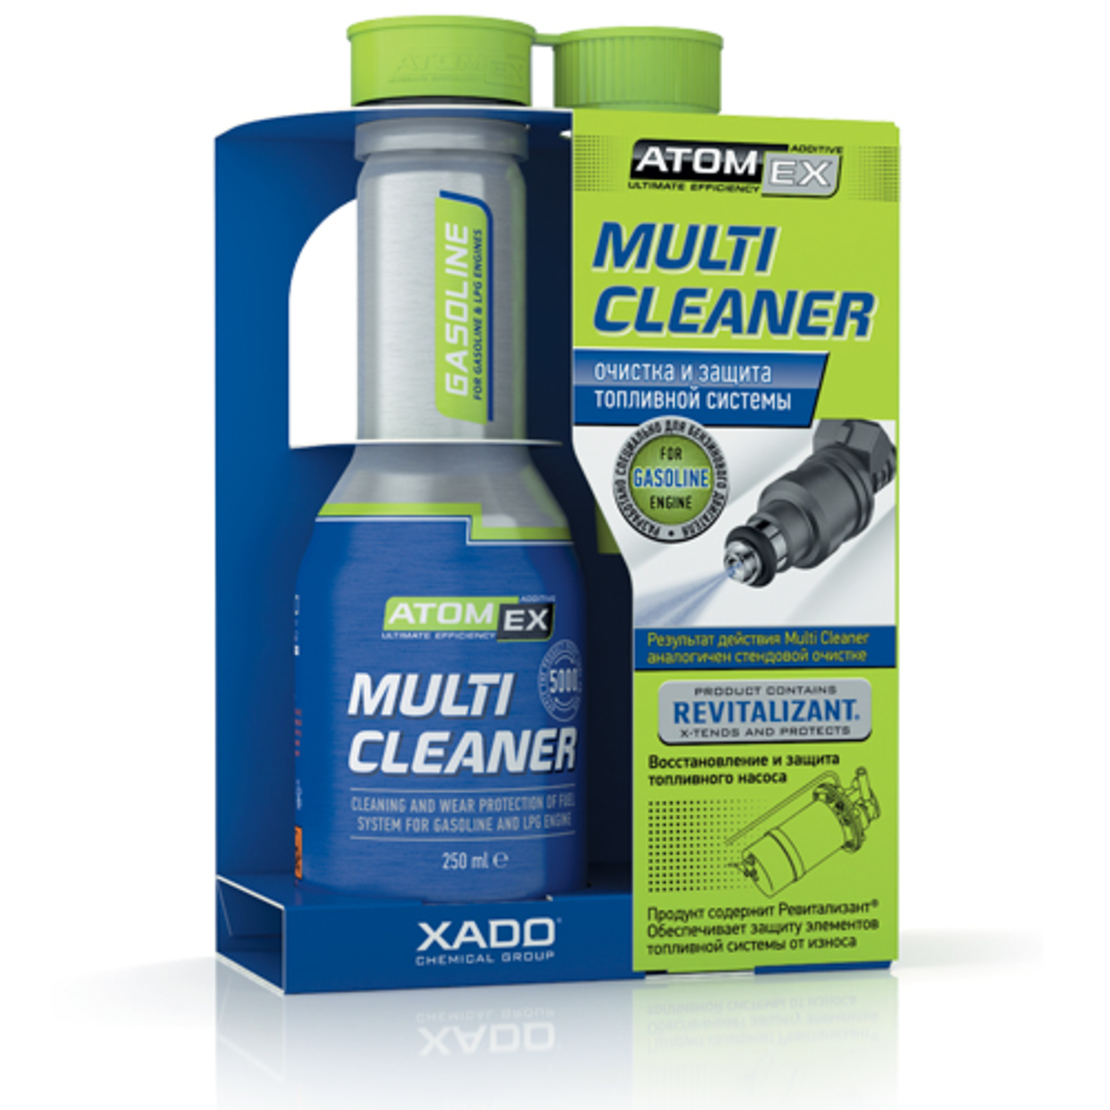 מנקה רב תכליתי למנועי בנזין MULTI CLEANER for Gasoline engine